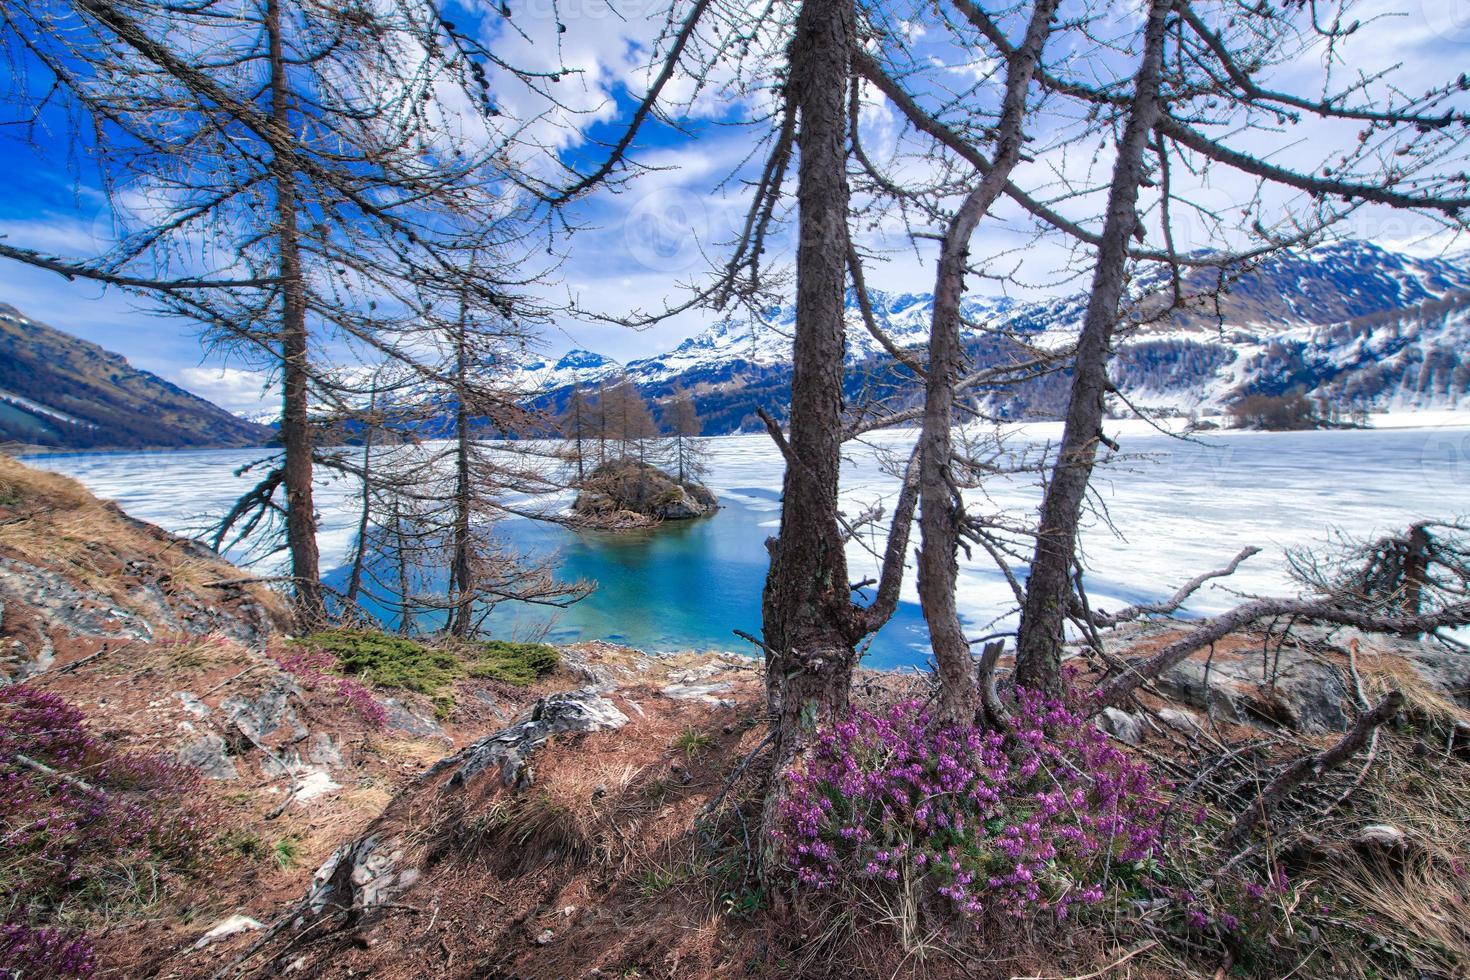 Deshielo en alta montaña con flores de primavera y medio lago congelado, valle de Engadine cerca de Sankt Moritz foto